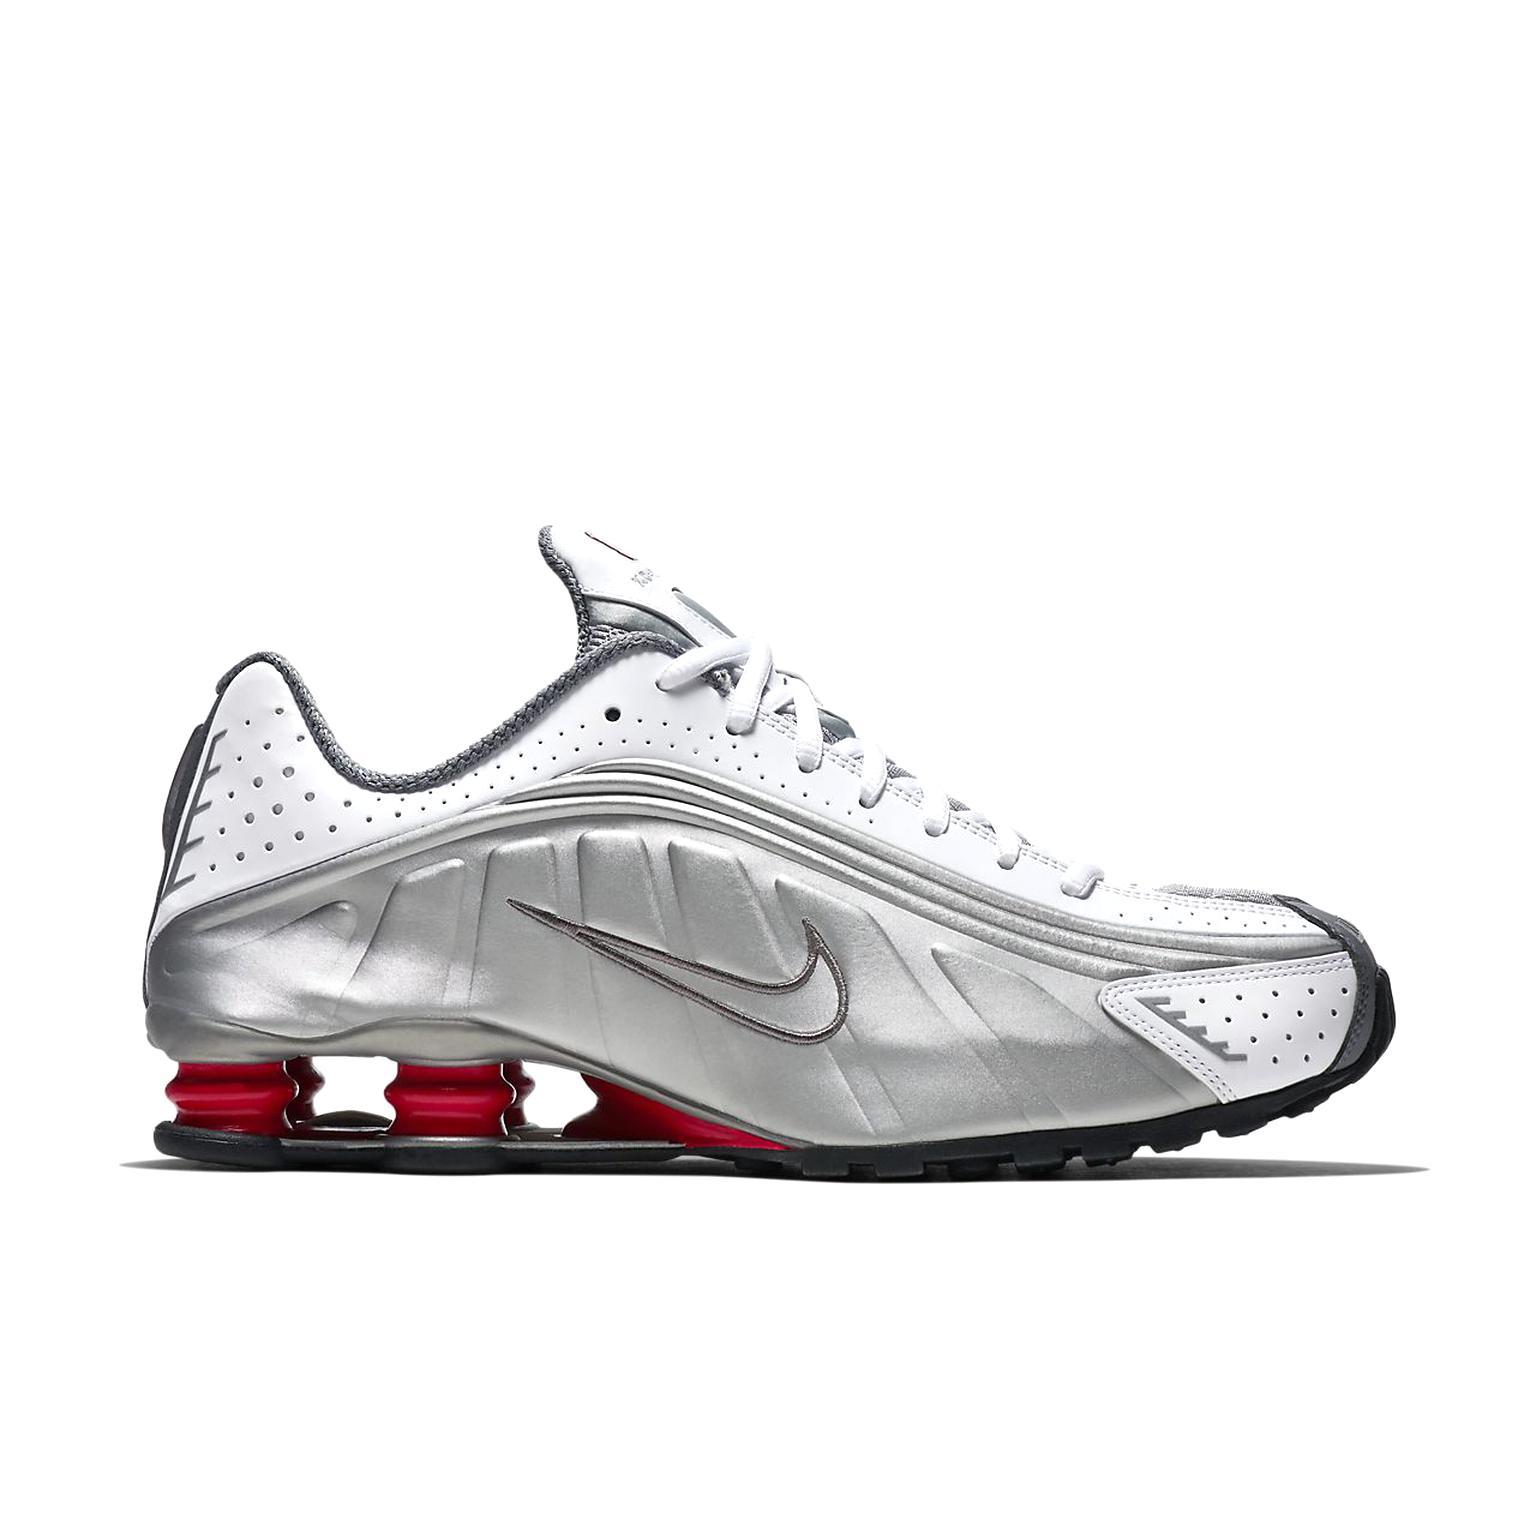 Nike Shox R4 d'occasion | Plus que 4 à -65%